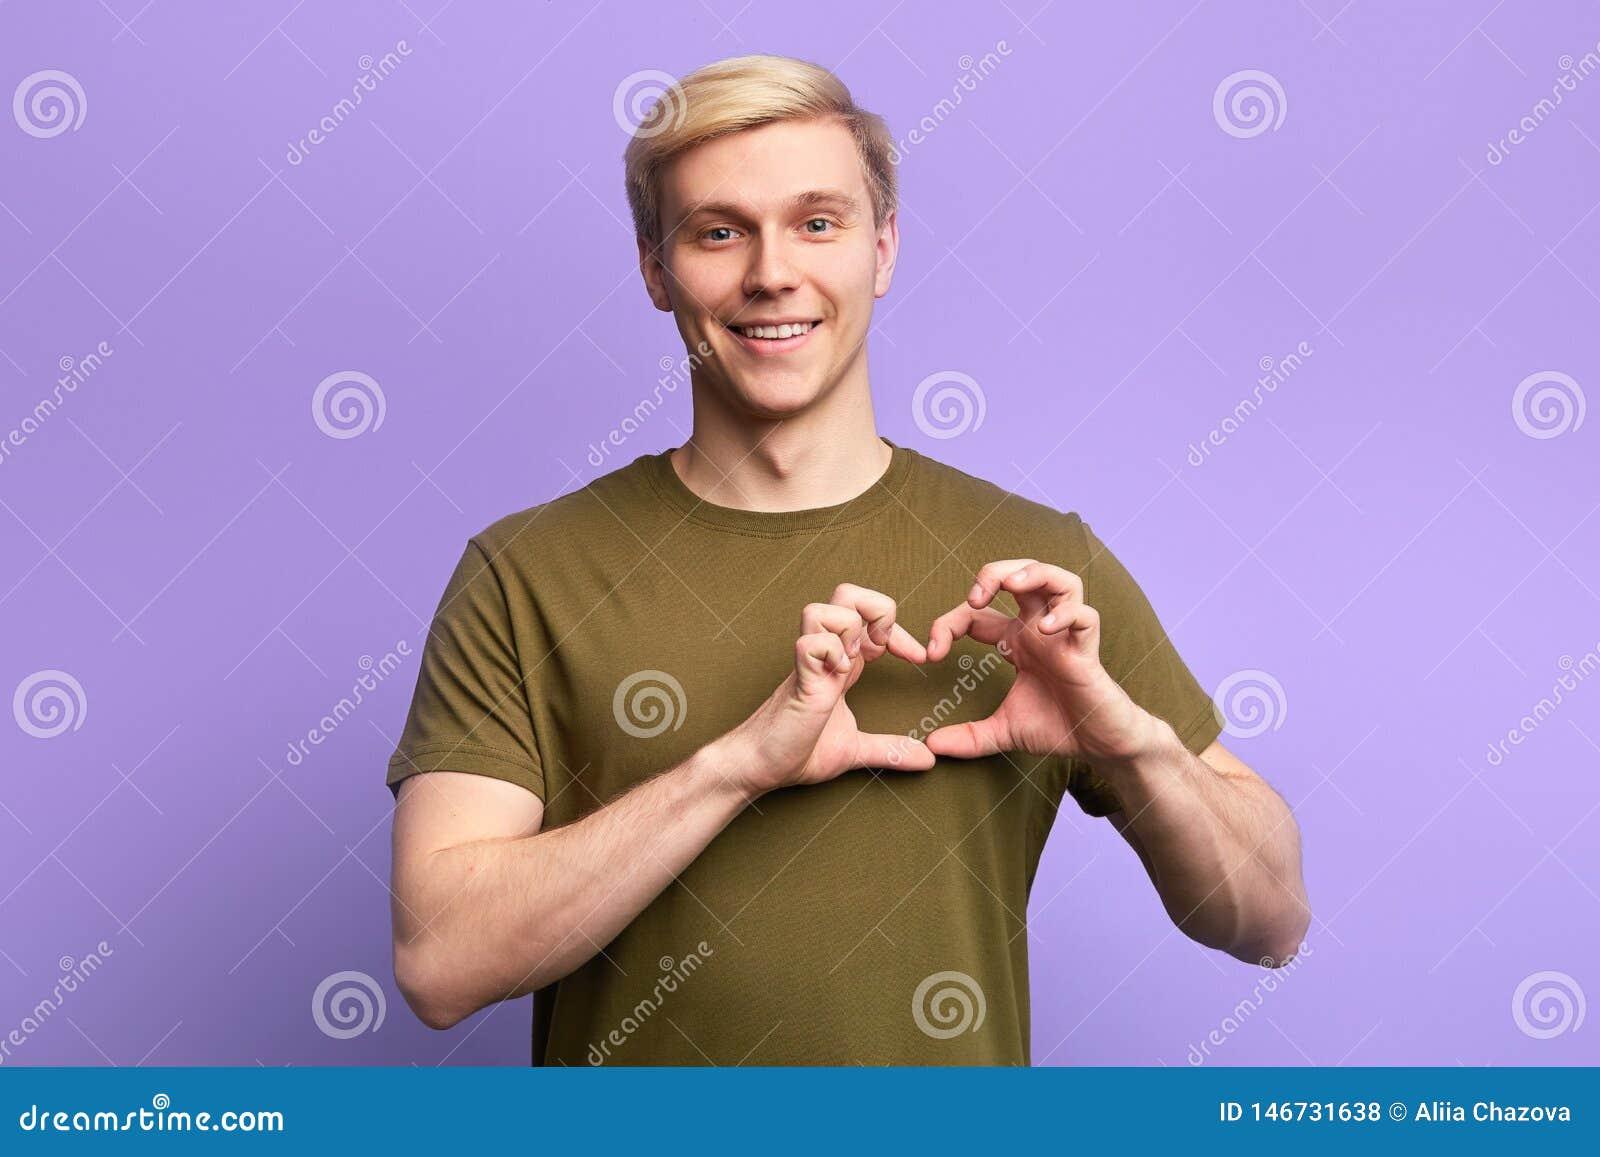 Счастливый привлекательный молодой человек, держа руки в жесте сердца,